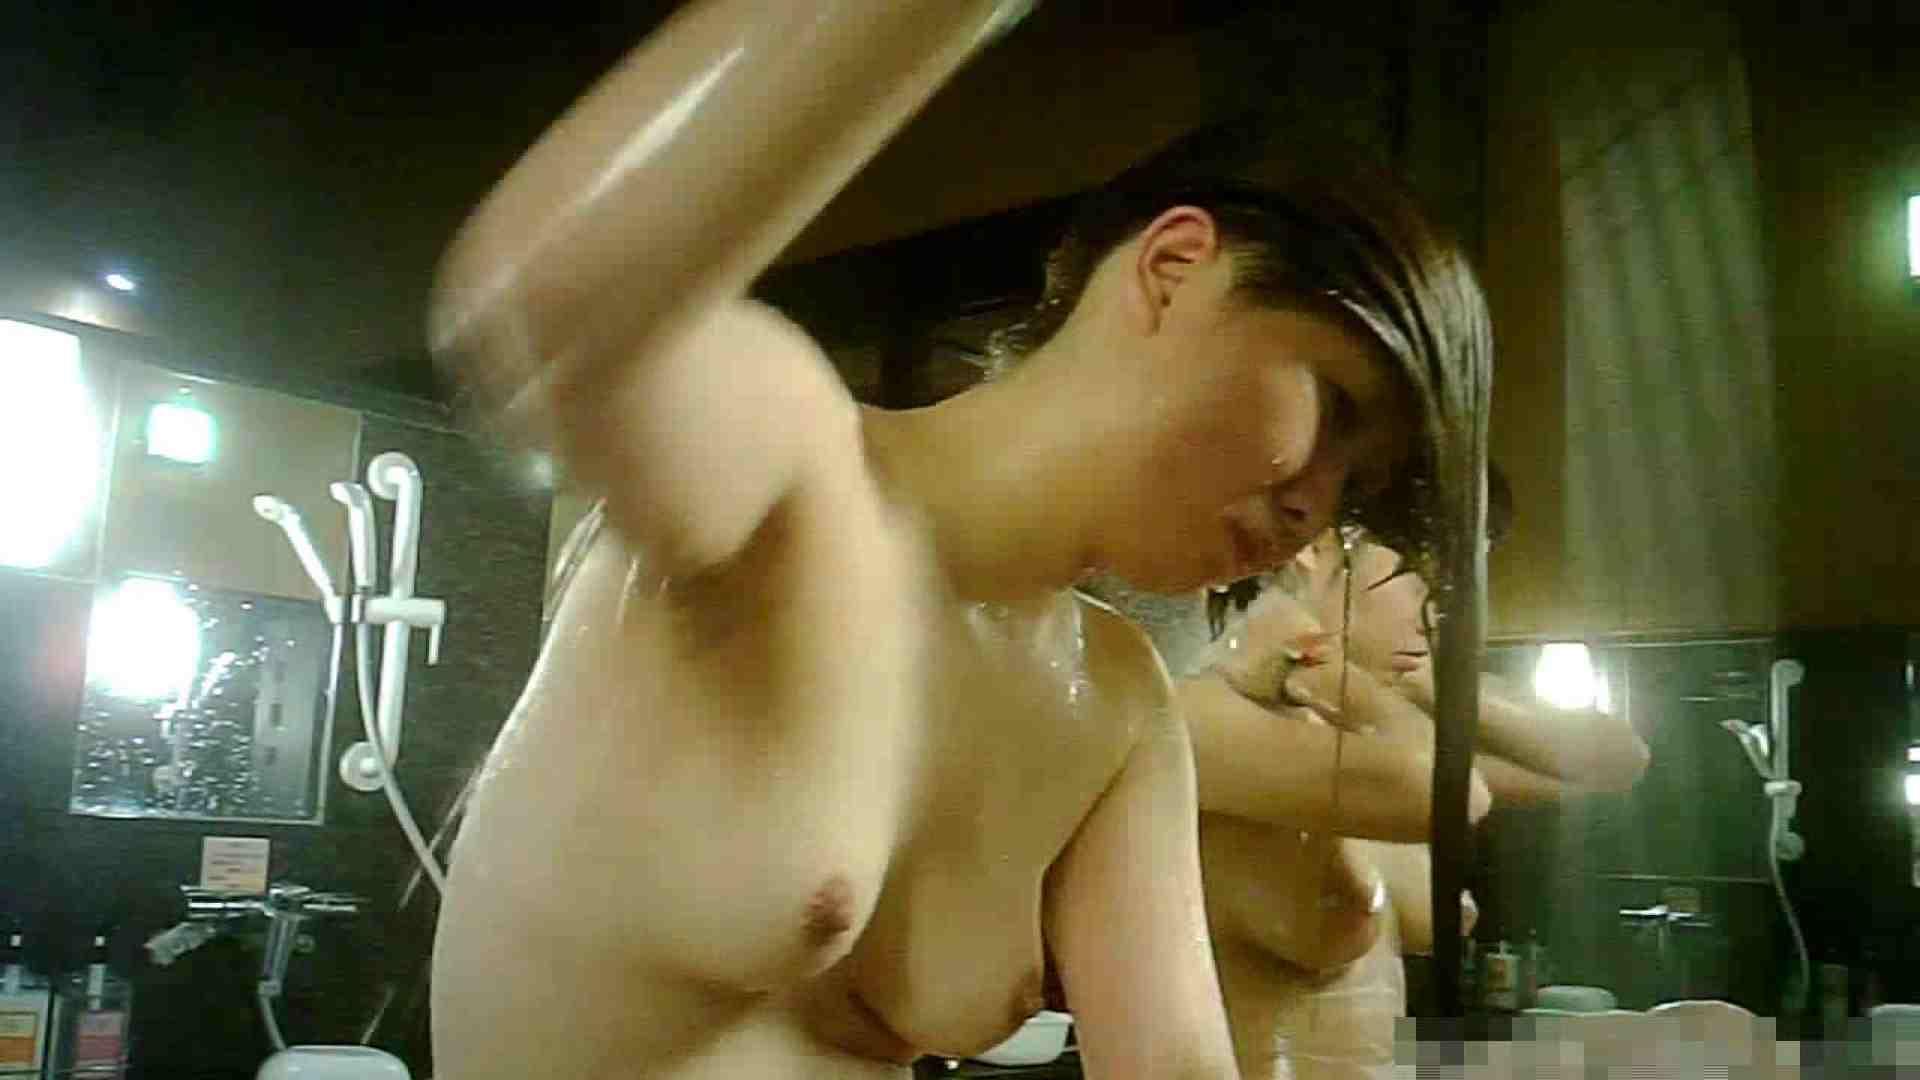 手を染めてしまった女性盗撮師の女風呂潜入記 vol.004 高画質 ワレメ動画紹介 92枚